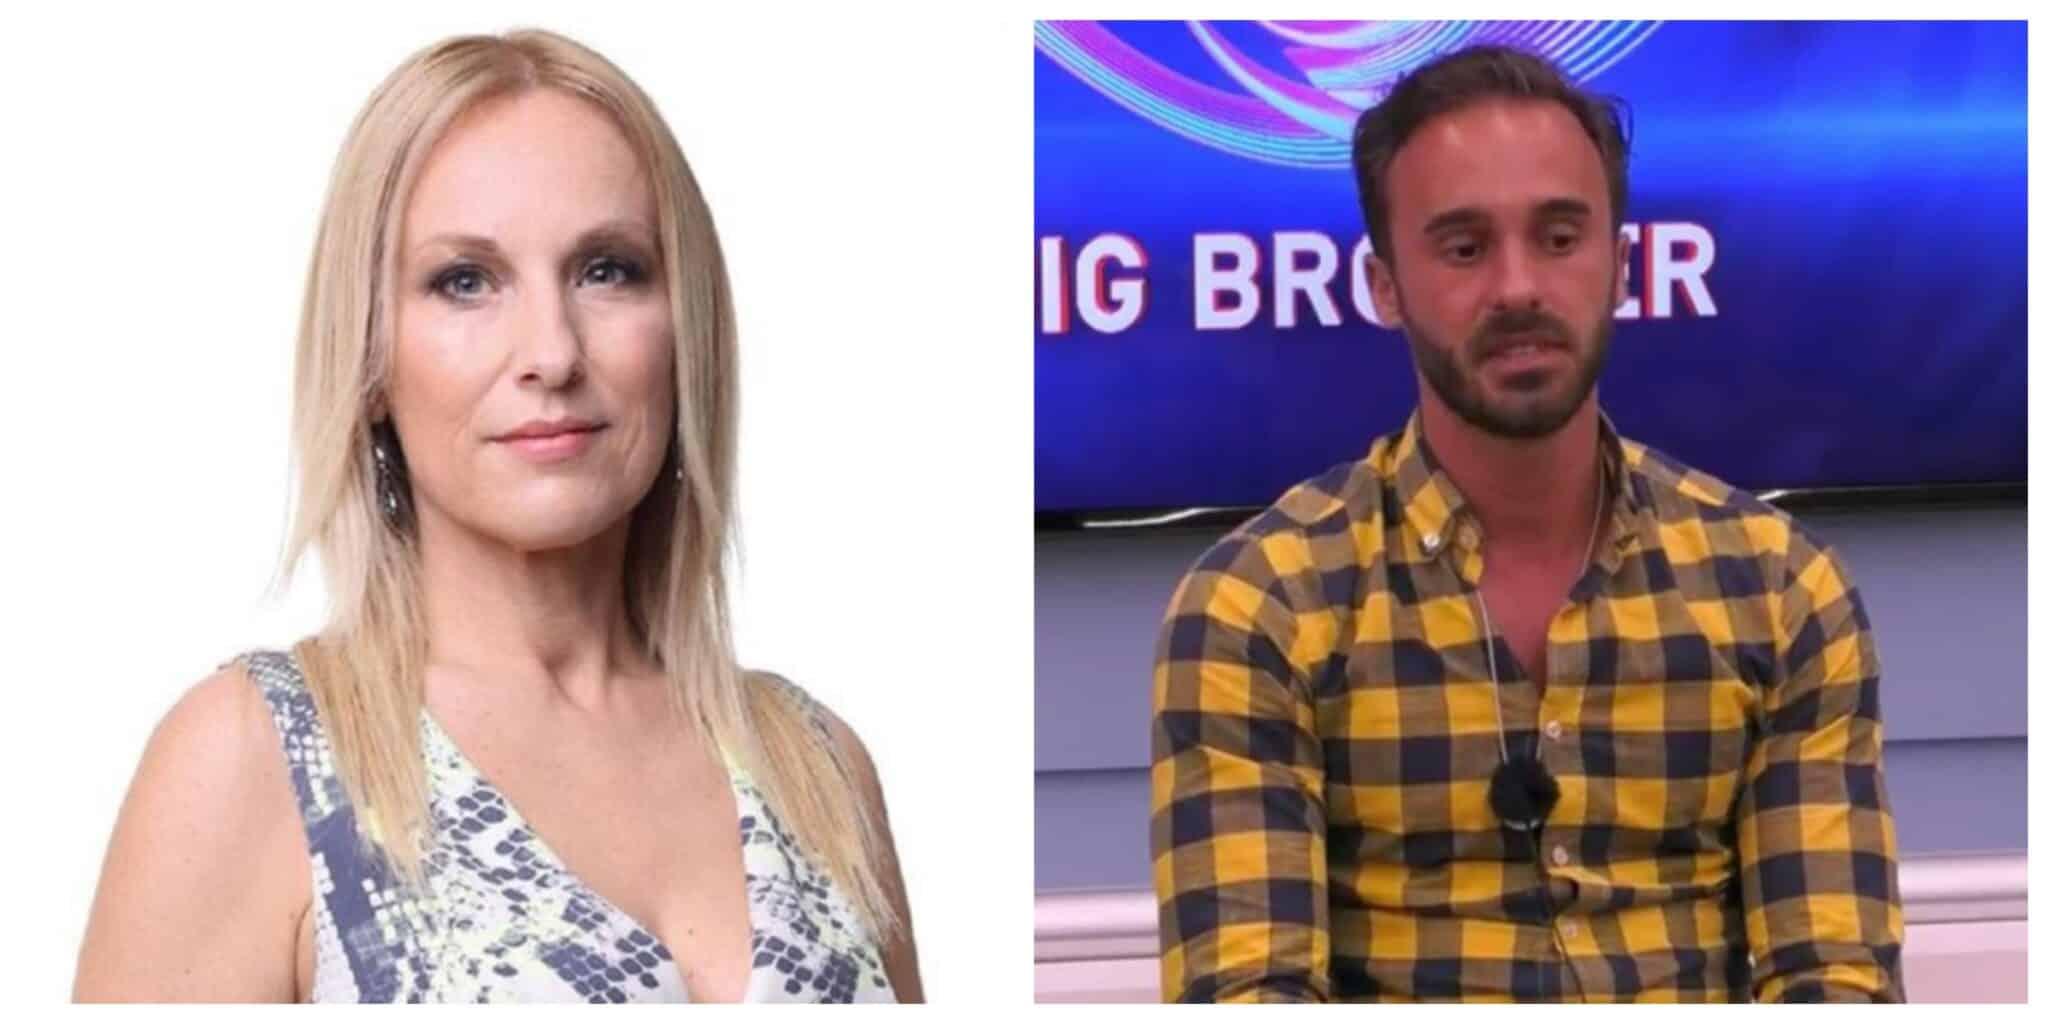 Teresa-Daniel-Guerreiro-Big-Brother